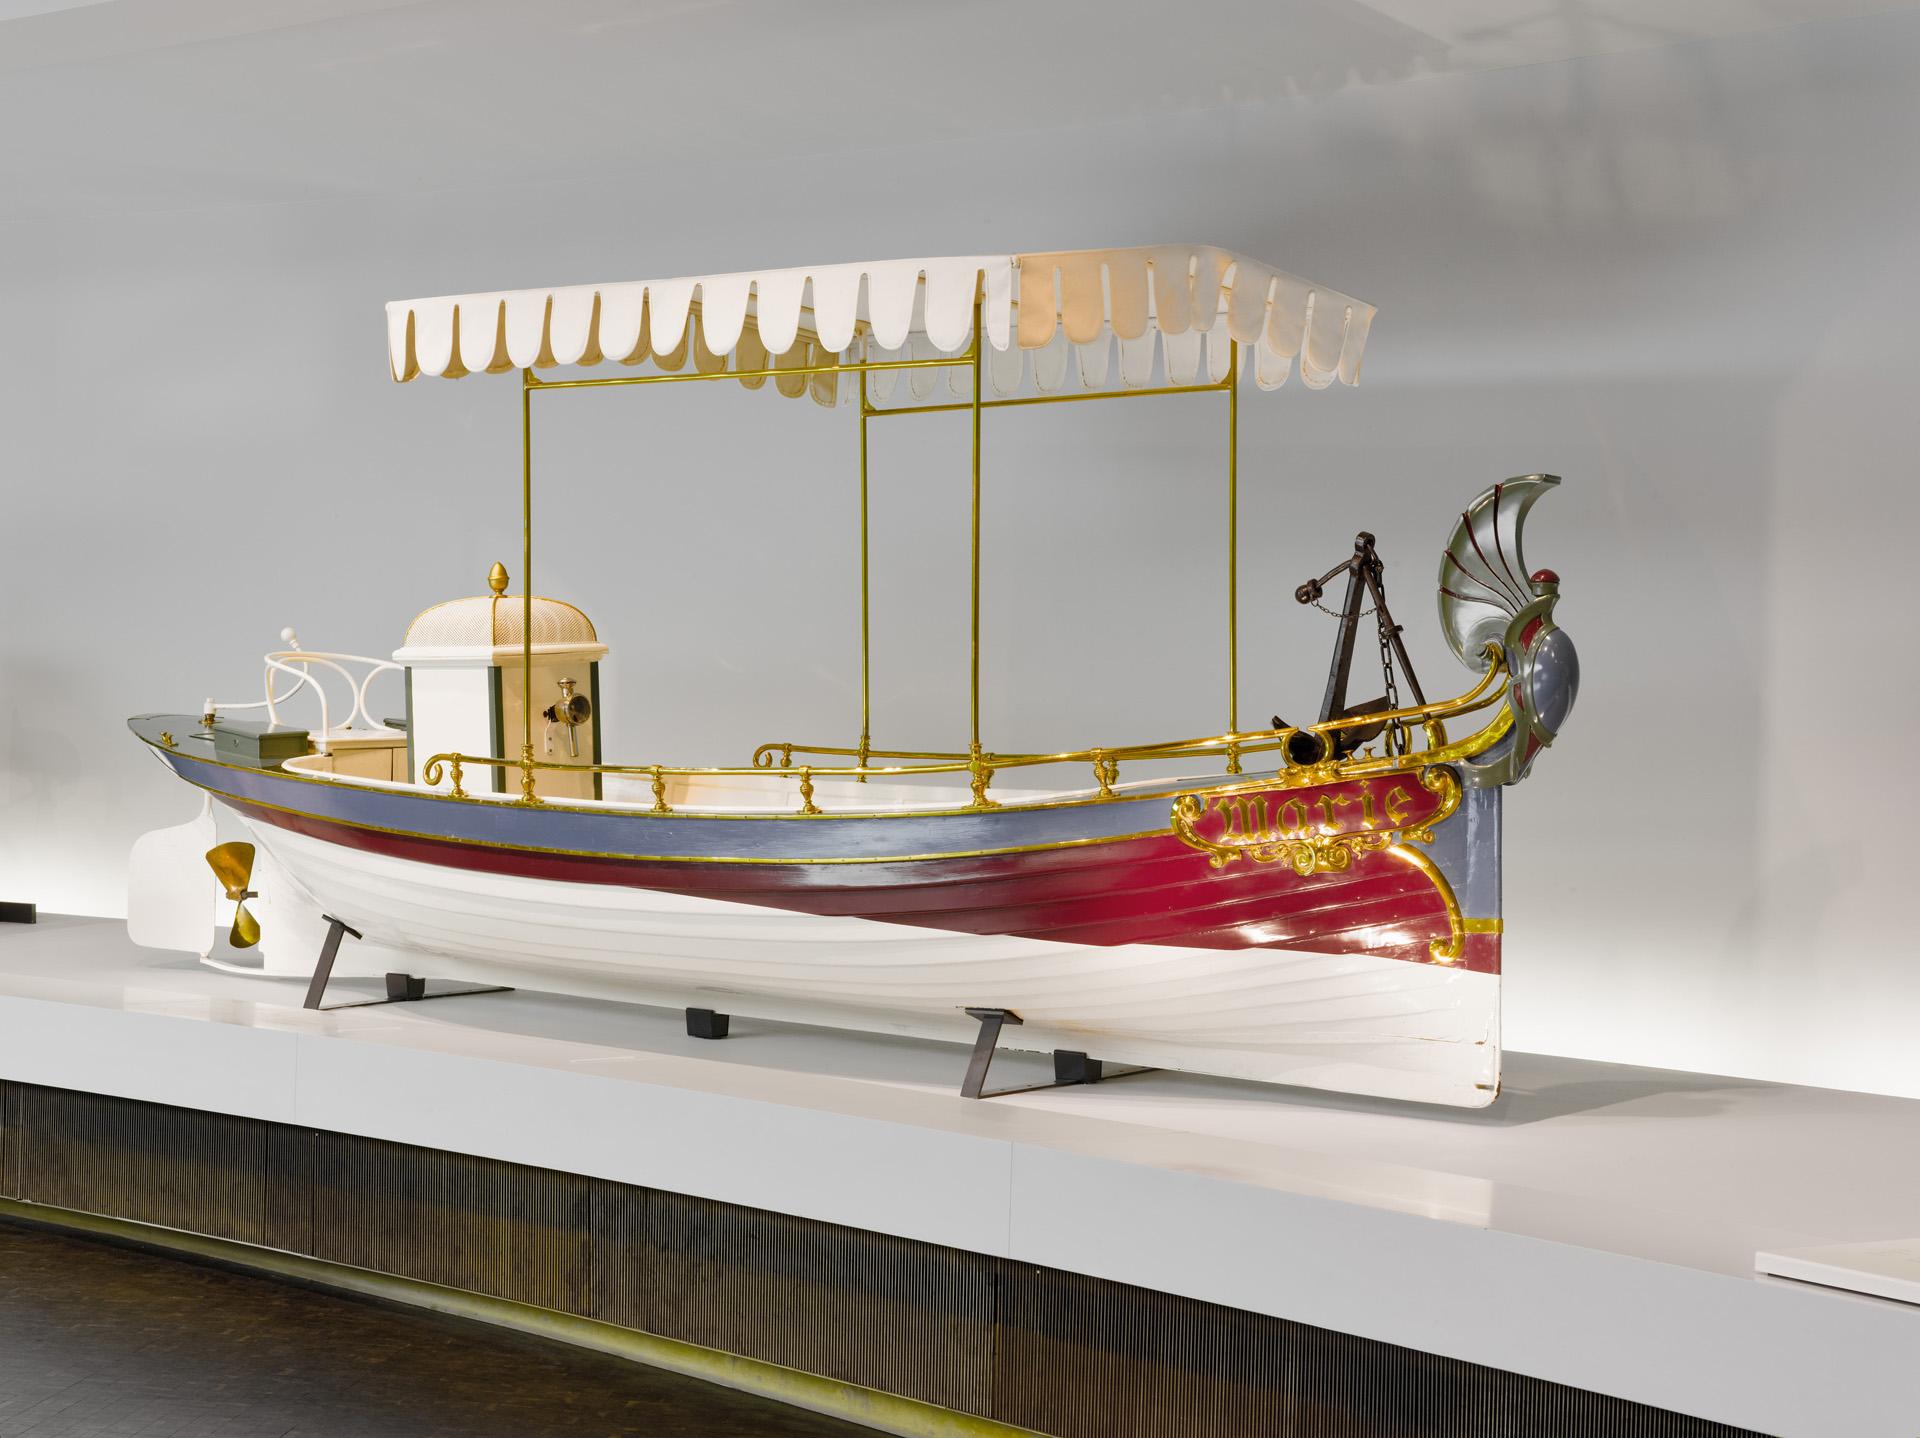 """Daimler-Motorboot """"Marie"""" aus dem Jahr 1888. Das Boot wird für Otto von Bismarck gebaut. Es gehört zur Dauerausstellung des Mercedes-Benz Museums im Raum Mythos 1: Pioniere – Die Erfindung des Automobils."""